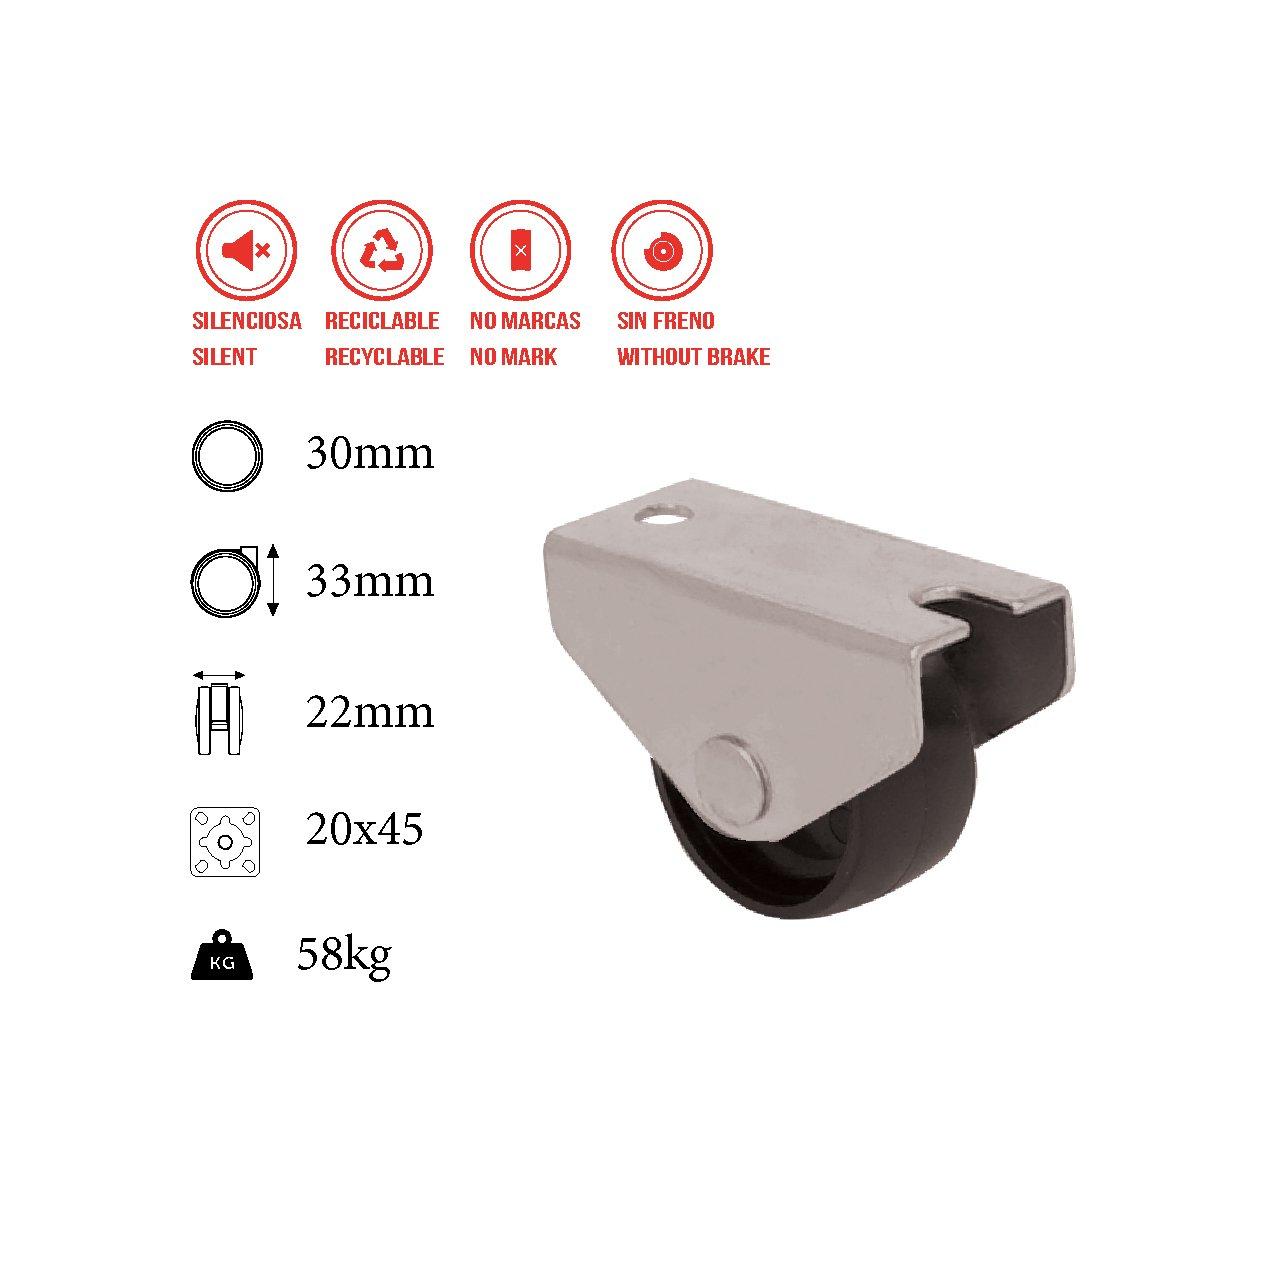 Durchmesser 25mm inklusive Montageplatte und Schrauben 30MM ohne Bremse Stumm Gleitlager Bett QC L25M22P 4 M/öbelr/äder